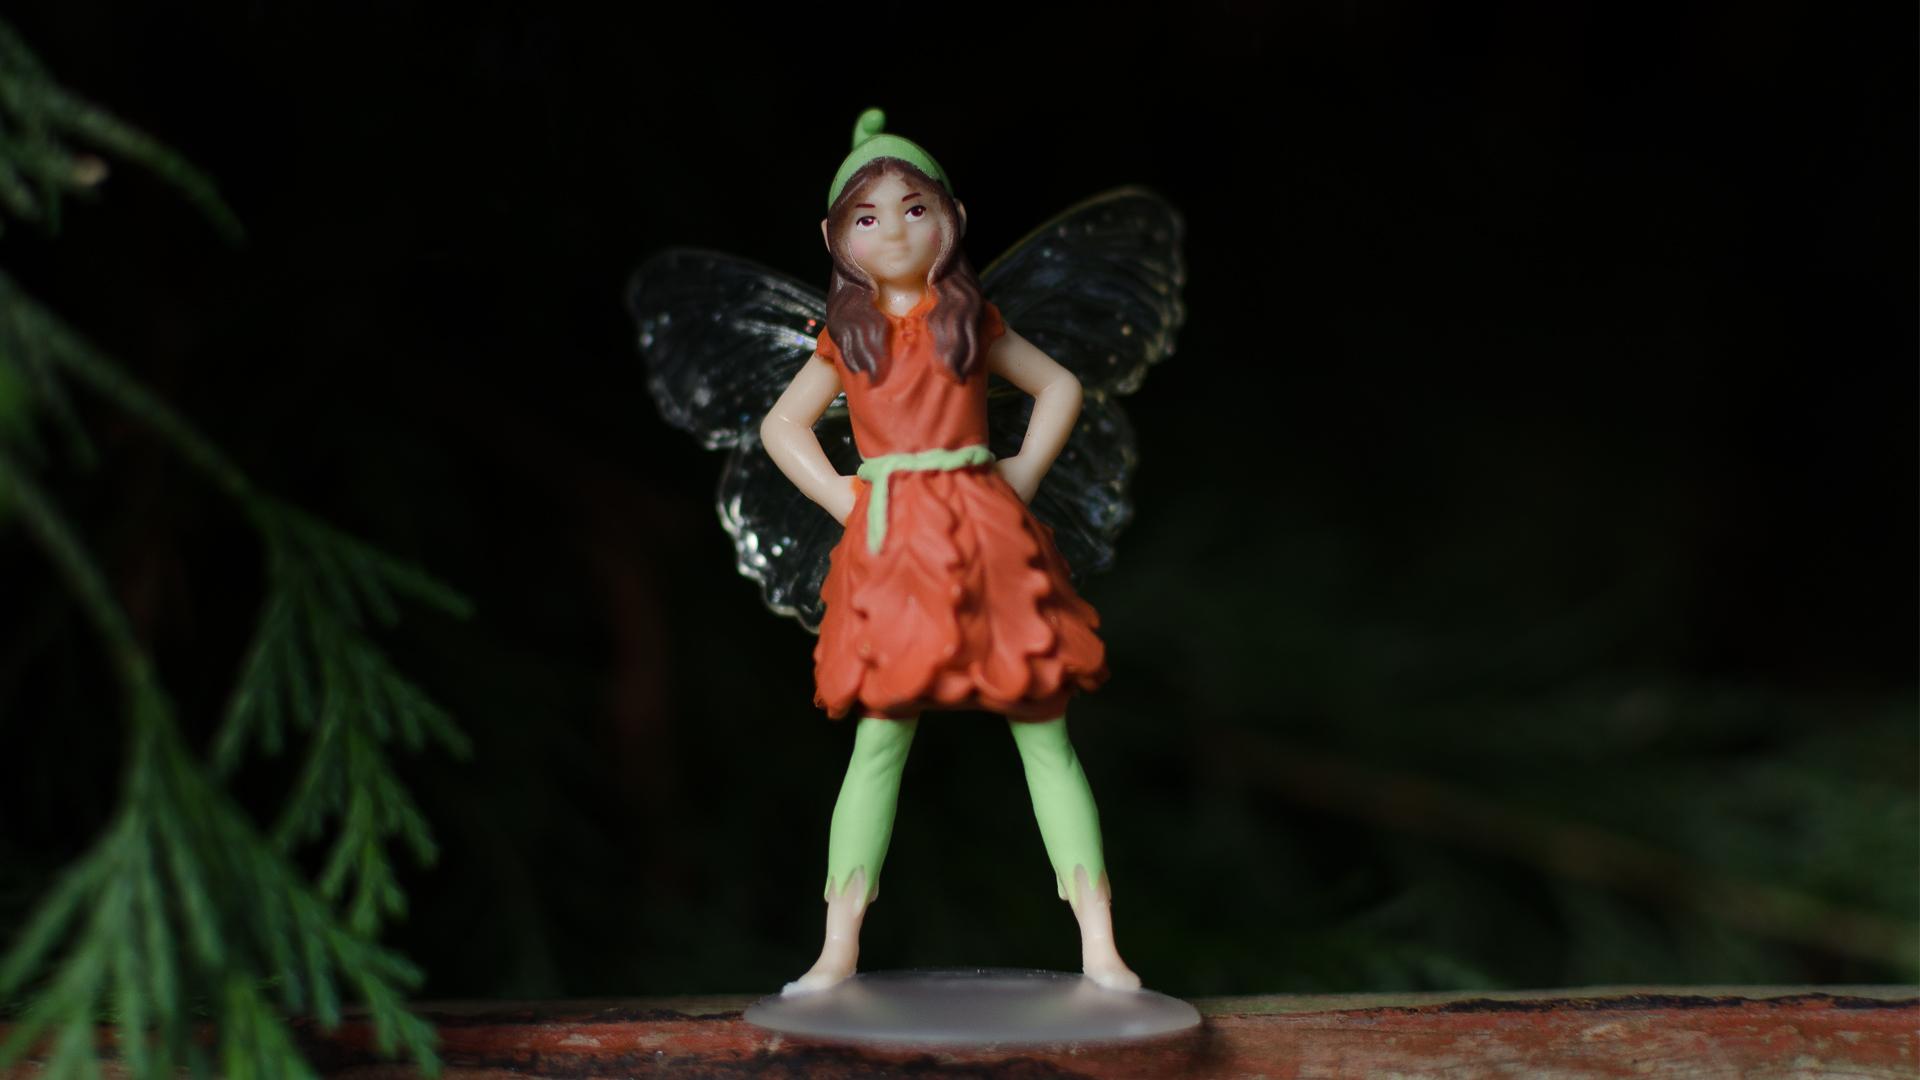 fairyb